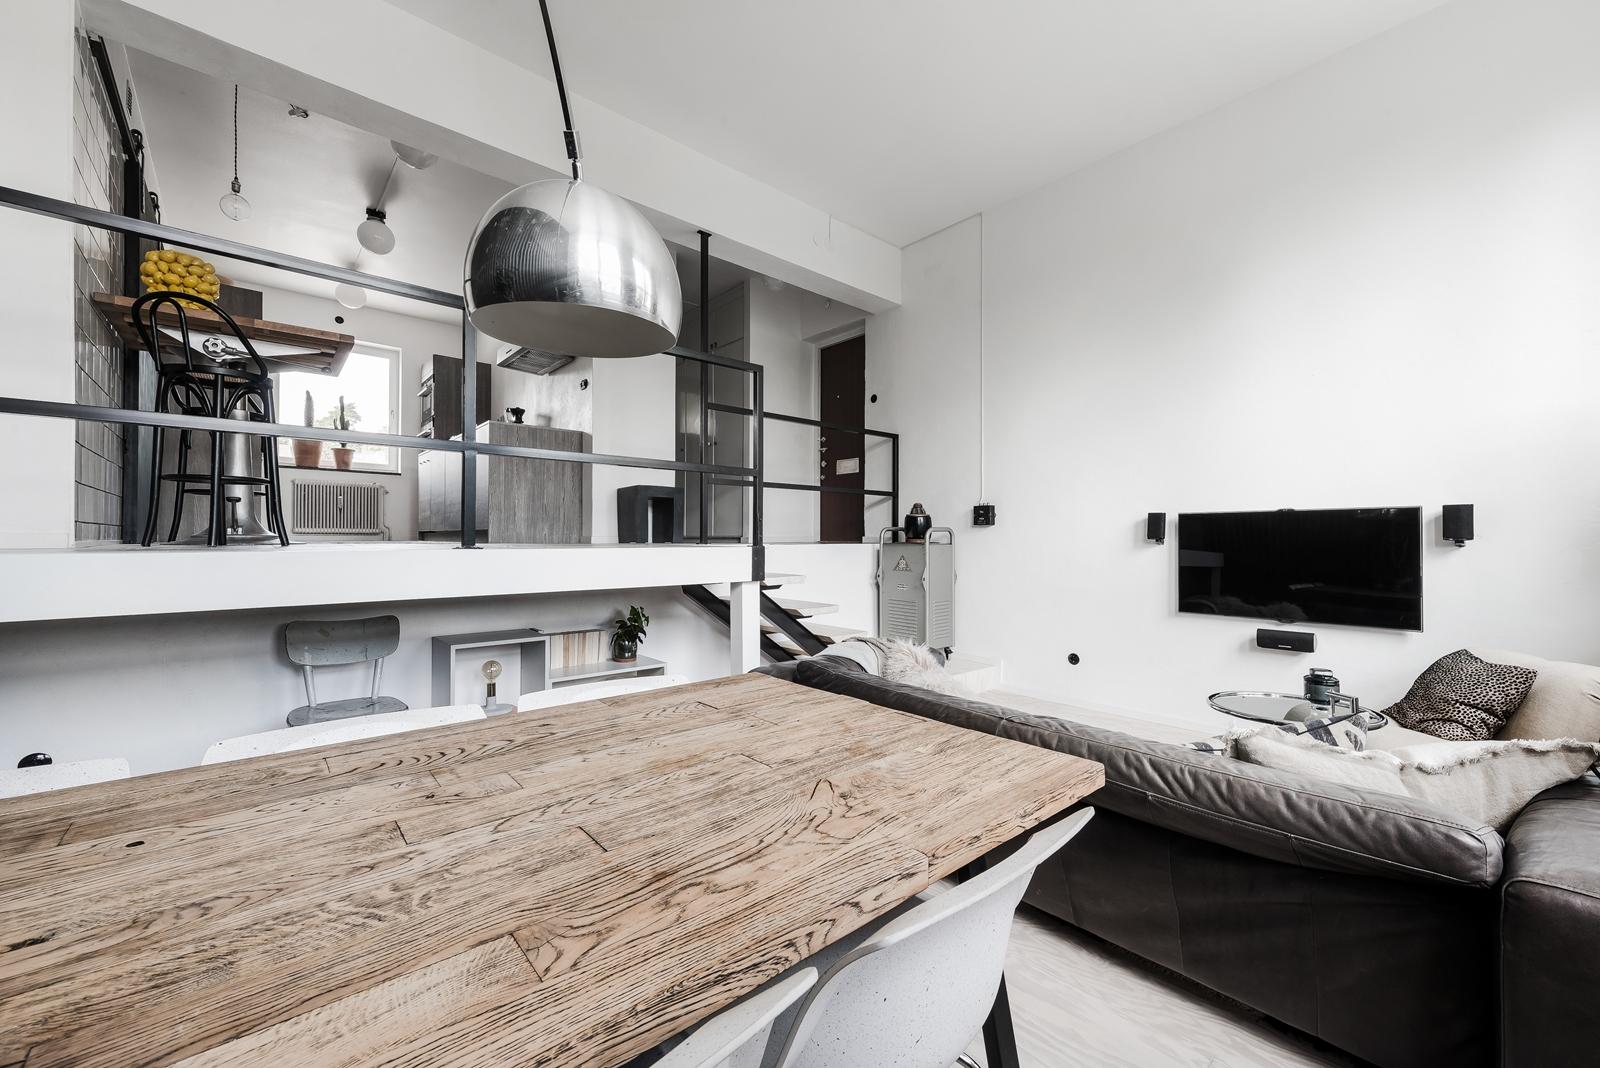 высокий потолок гостиная телевизор диван обеденный стол стулья